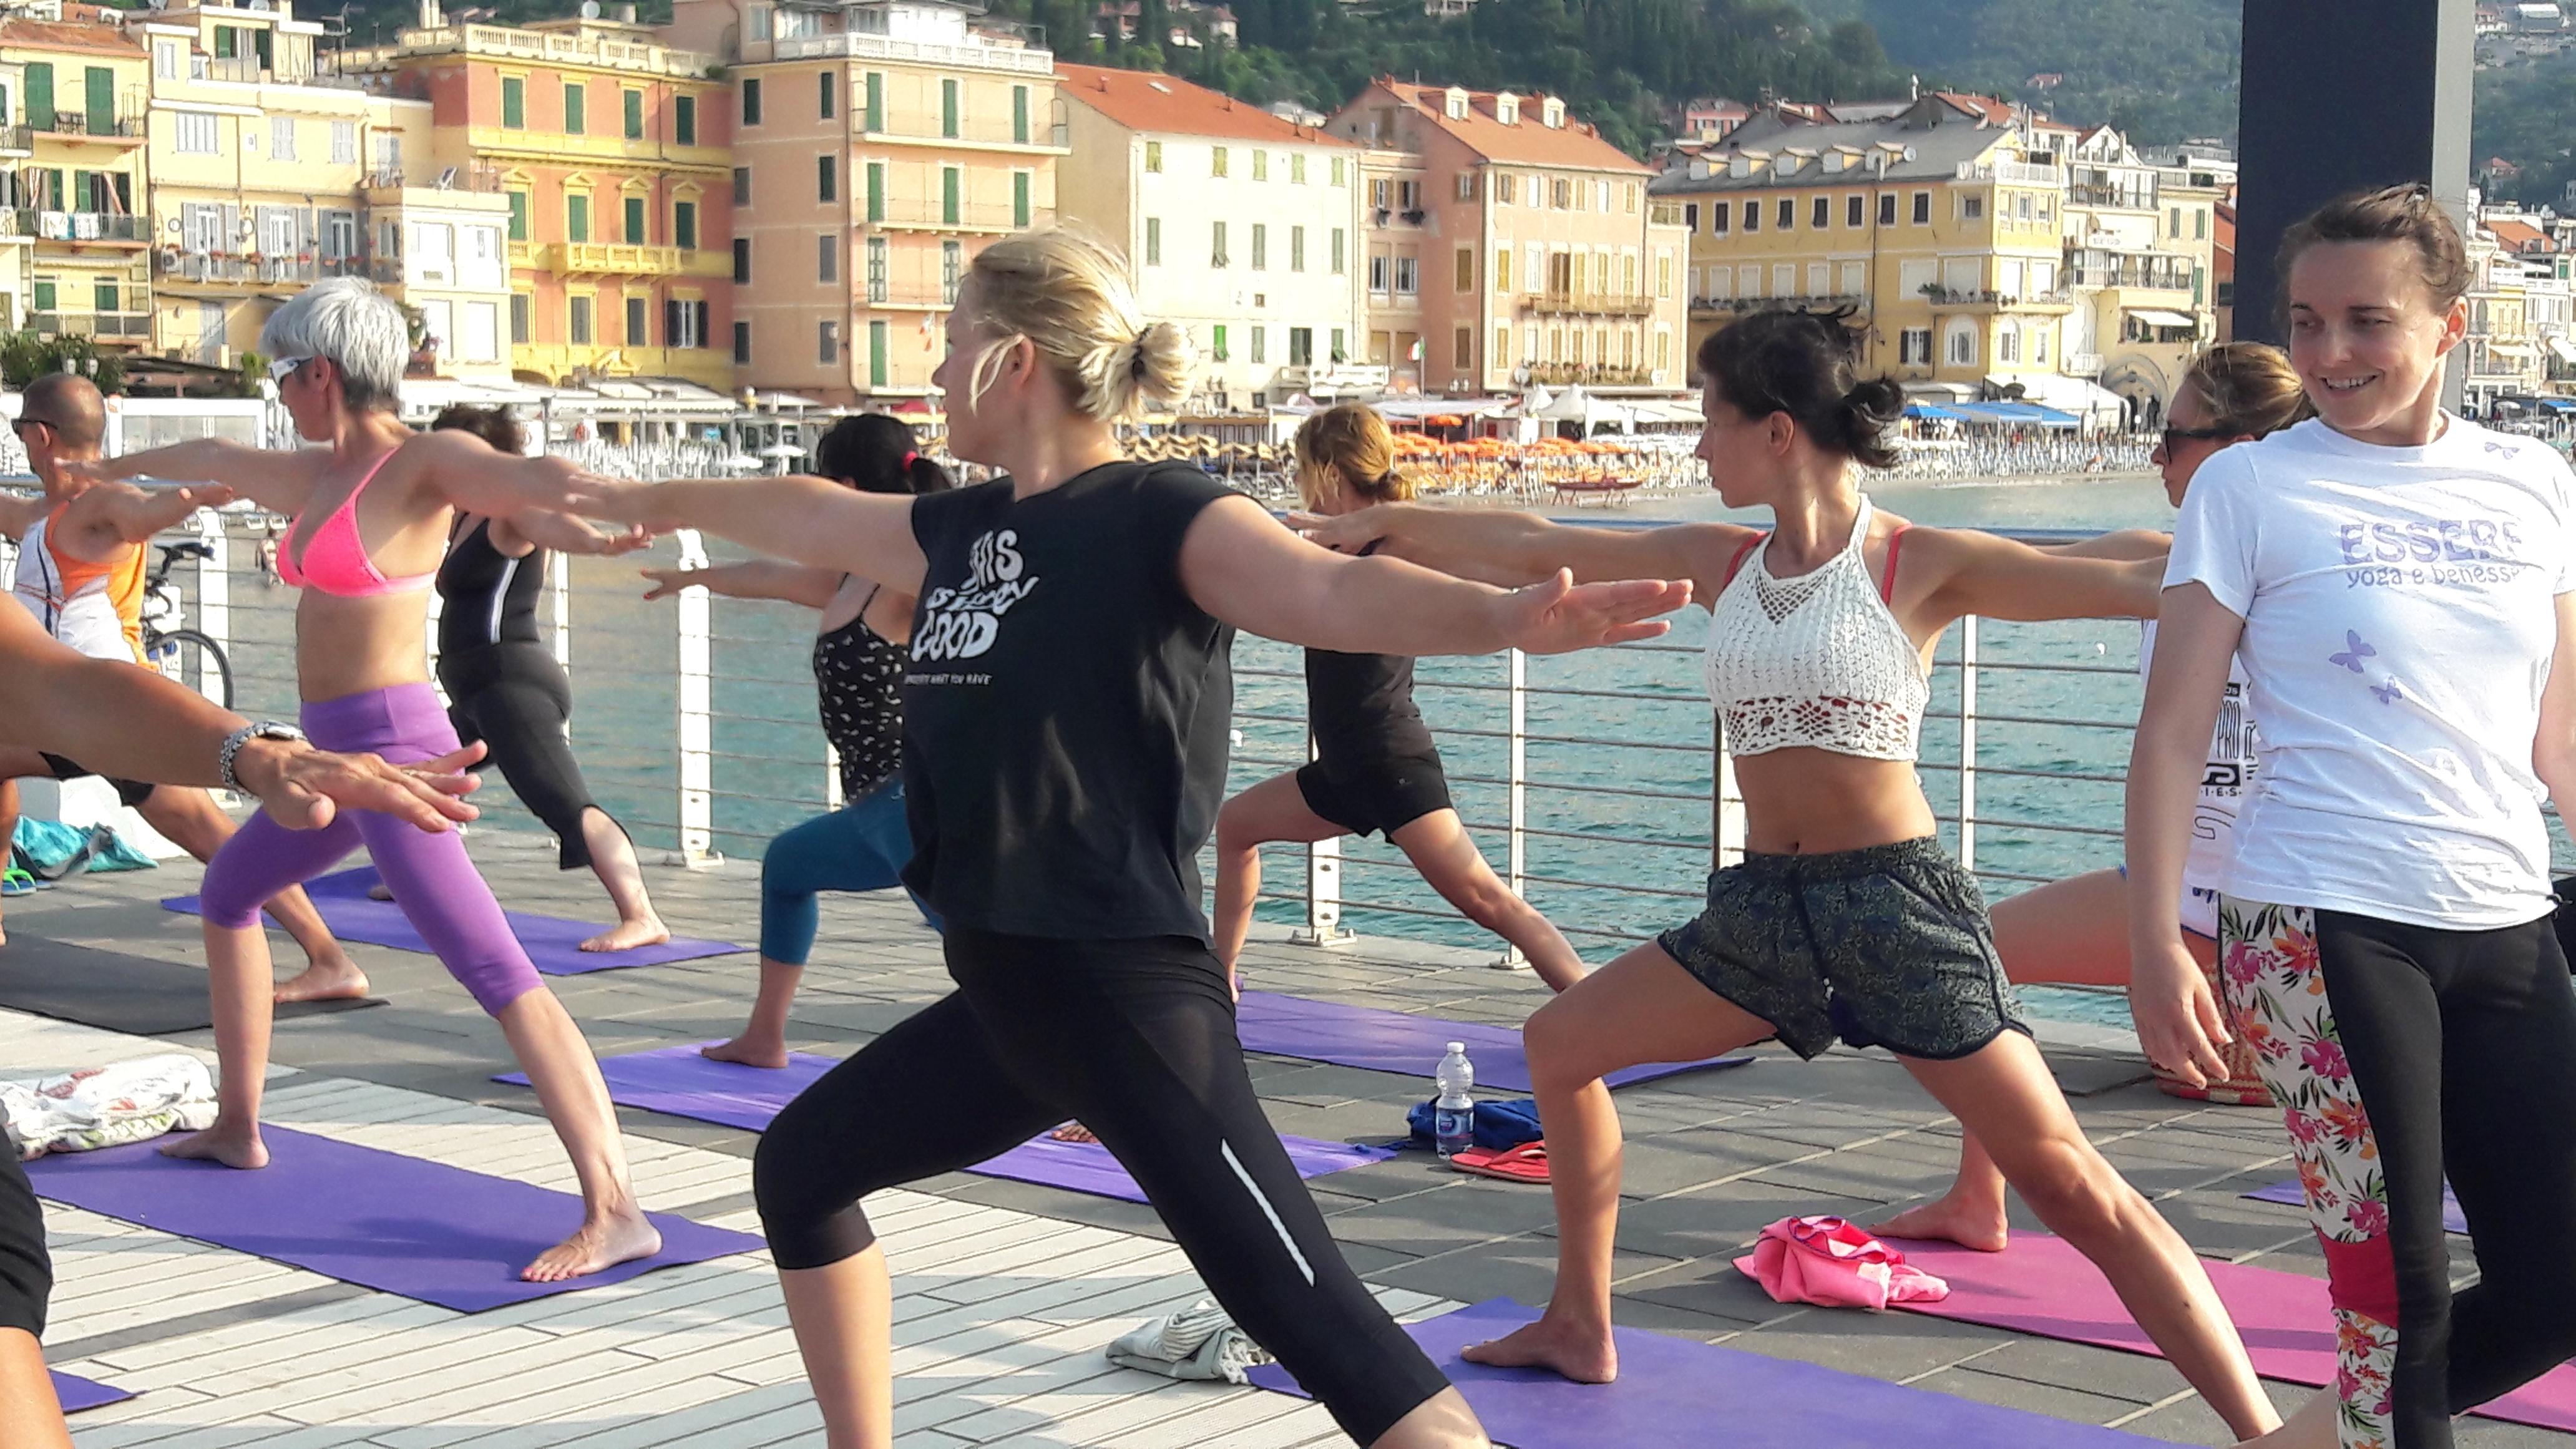 1_essere-free-yoga-gratuito-benessere-per-tutti-village-citta-alassio-estate-lucia-ragazzi-summer-town-wellness-026